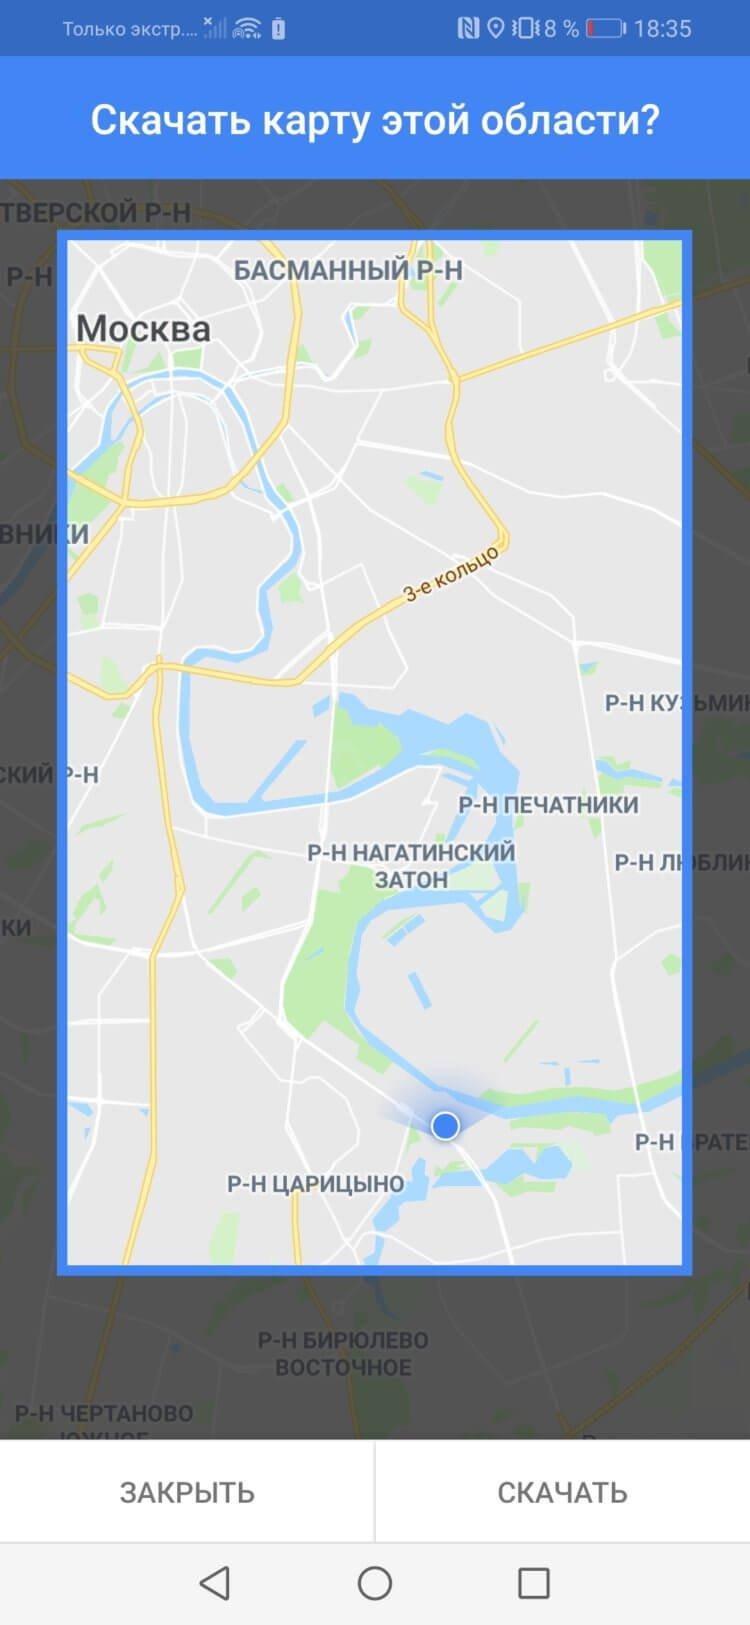 Функции Google Maps, о которых вы могли не знать